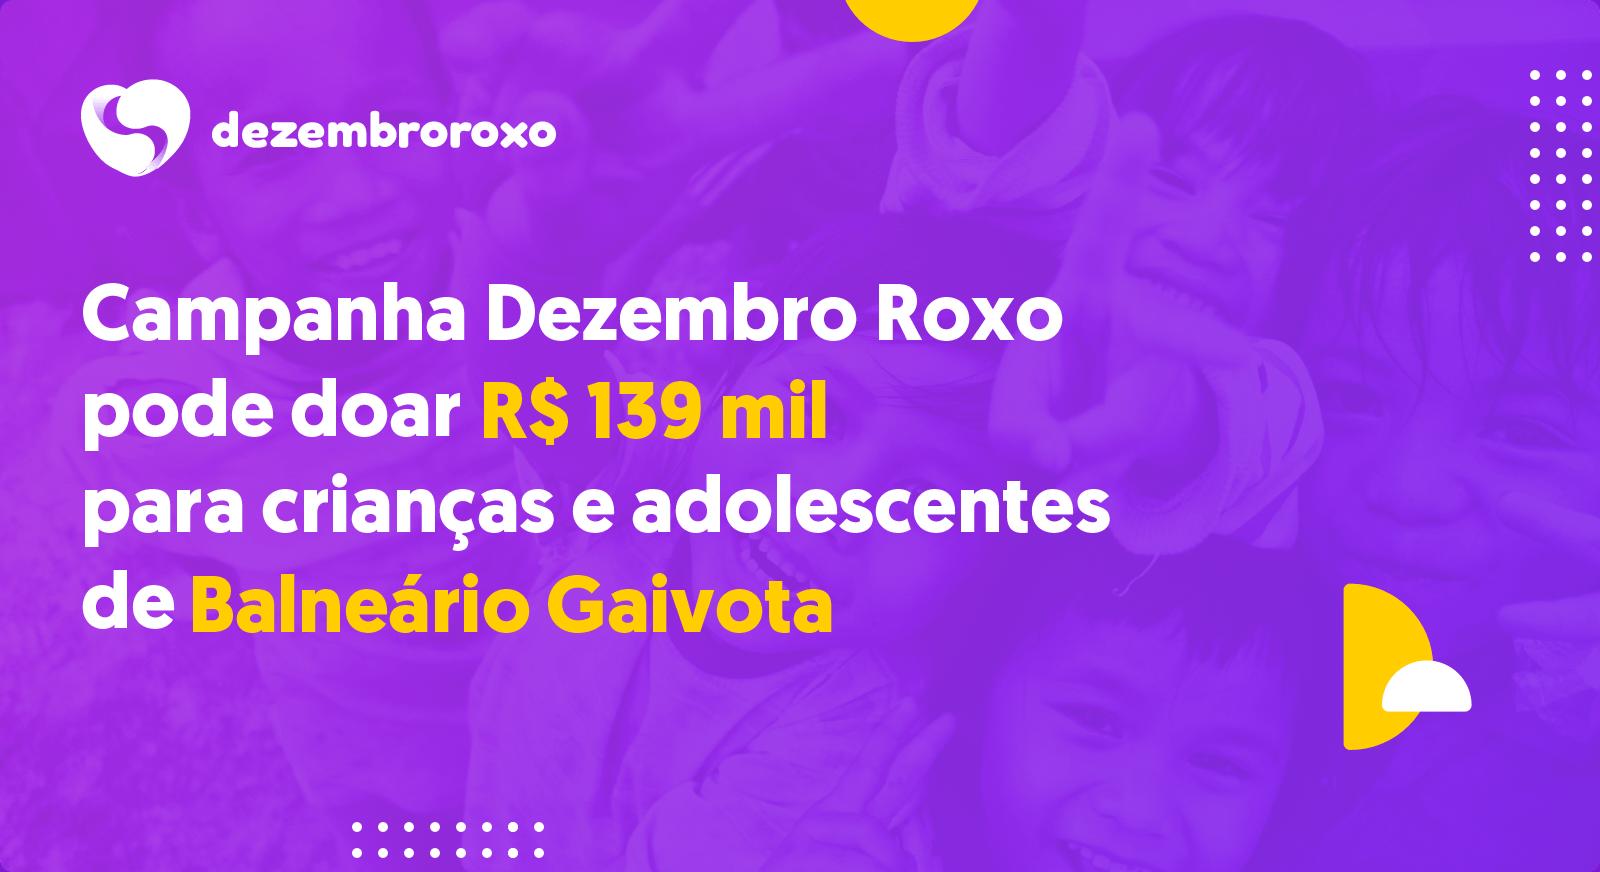 Doações em Balneário Gaivota - SC